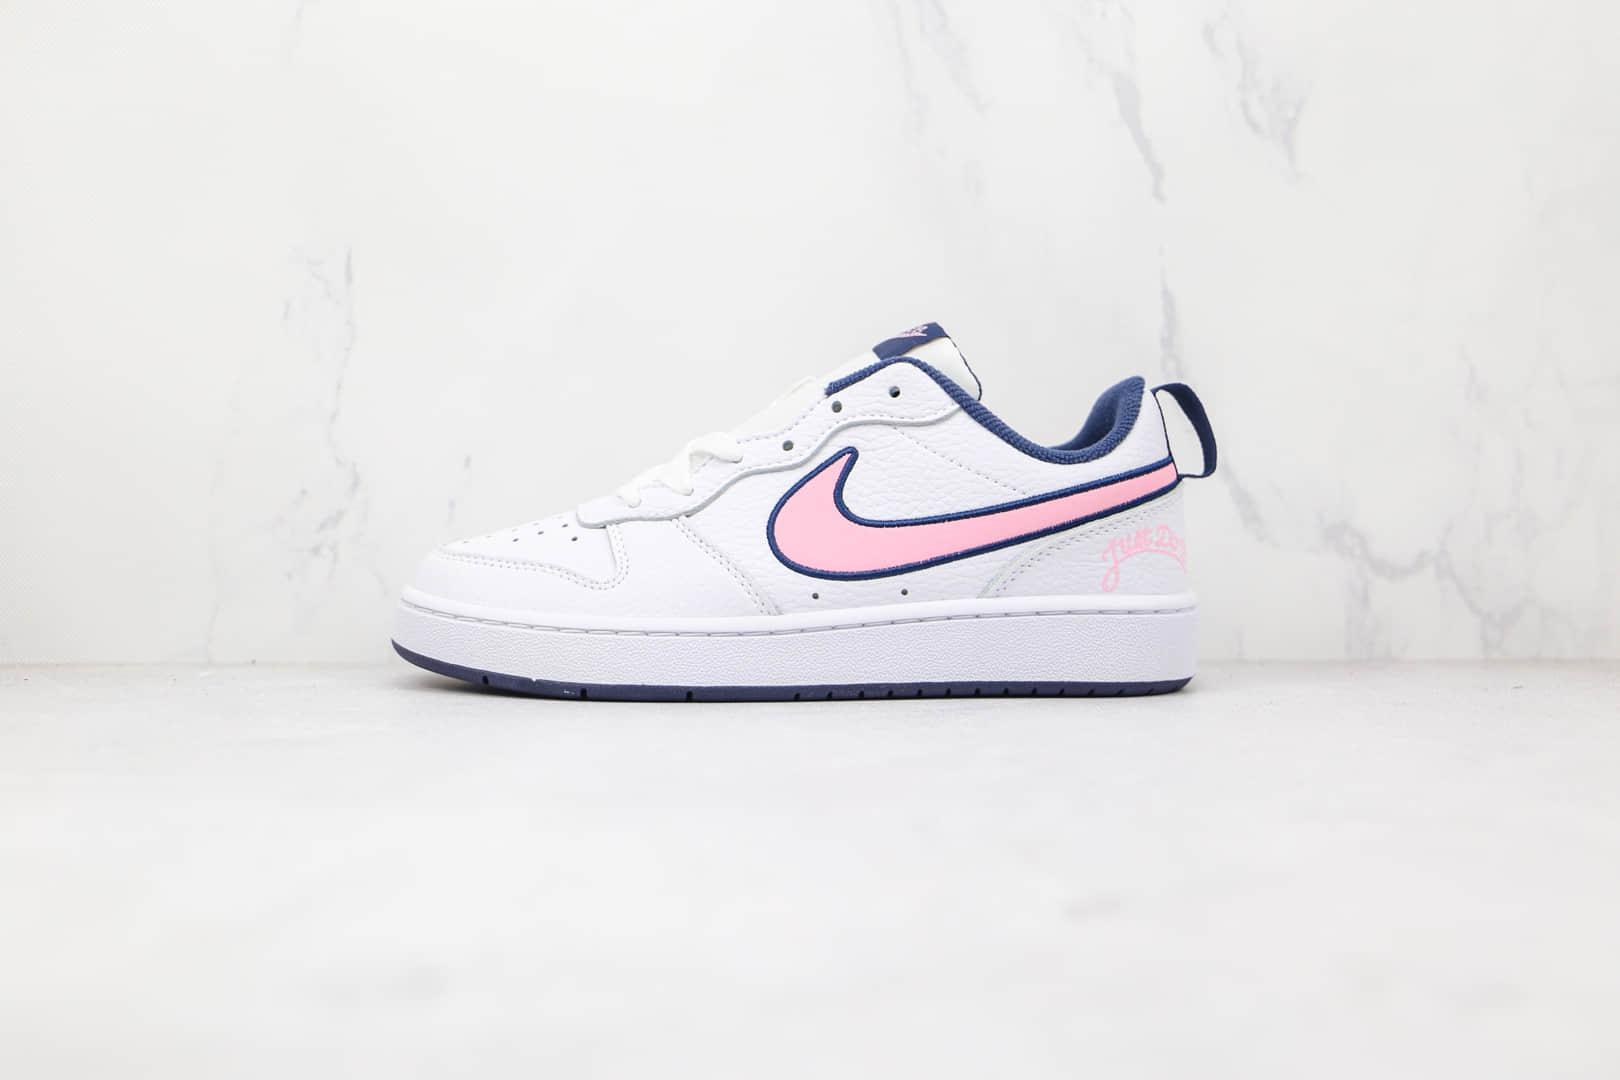 耐克Nike Court Borough Low 2纯原版本低帮白粉色蓝边板鞋原档案数据开发 货号:DB3090-100